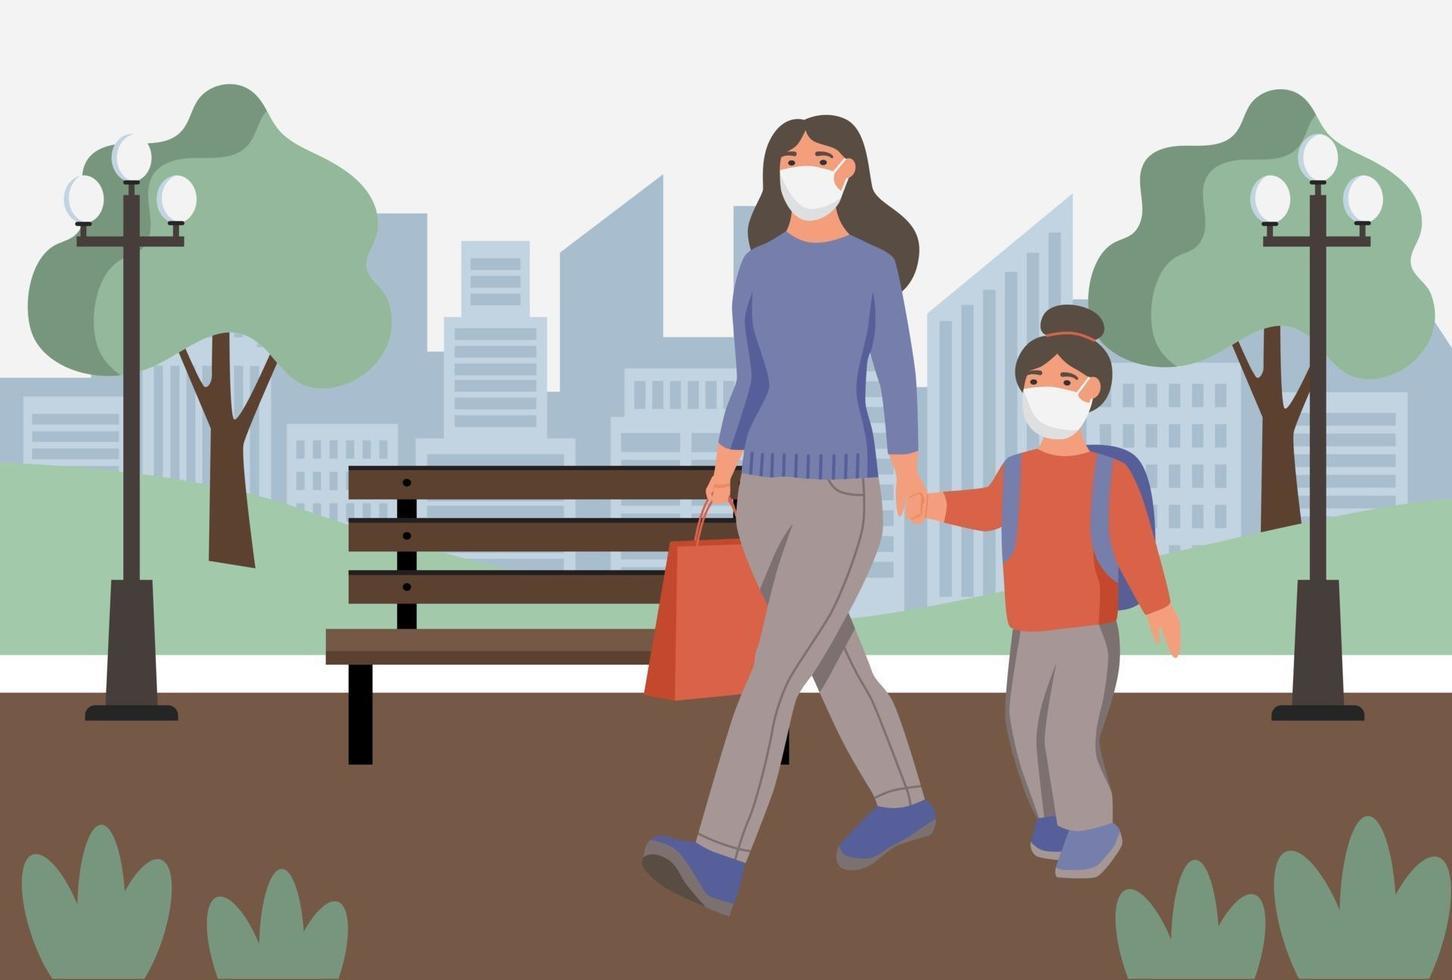 Frau mit Kind in schützenden Gesichtsstaubmasken Wolk im Park. Schutz vor städtischer Luftverschmutzung, Smog, Dampf. Coronavirus-Quarantäne, Atemwegsvirus-Konzept. flache Karikaturvektorillustration. vektor